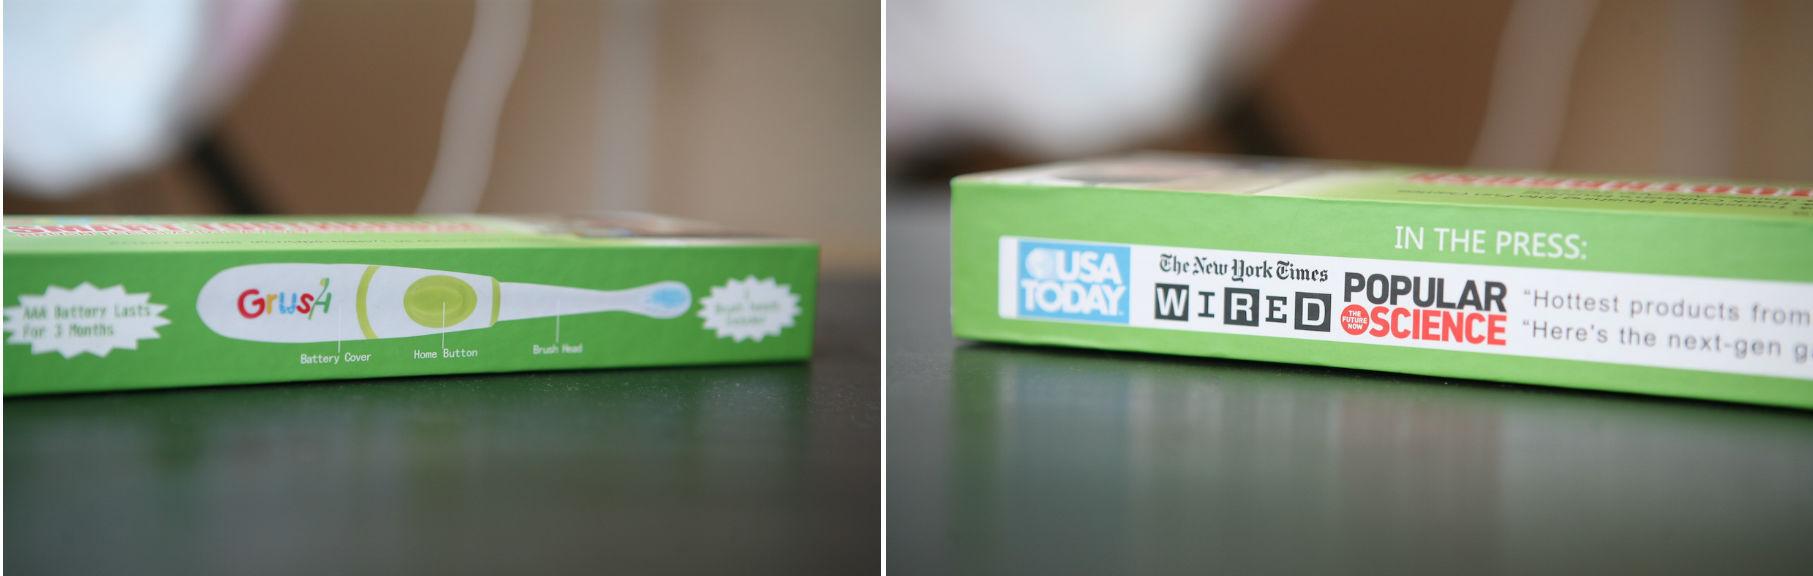 Зачем нужна «иGRUSHка для зубов» — обзор интерактивной зубной щетки для детей и взрослых - 6